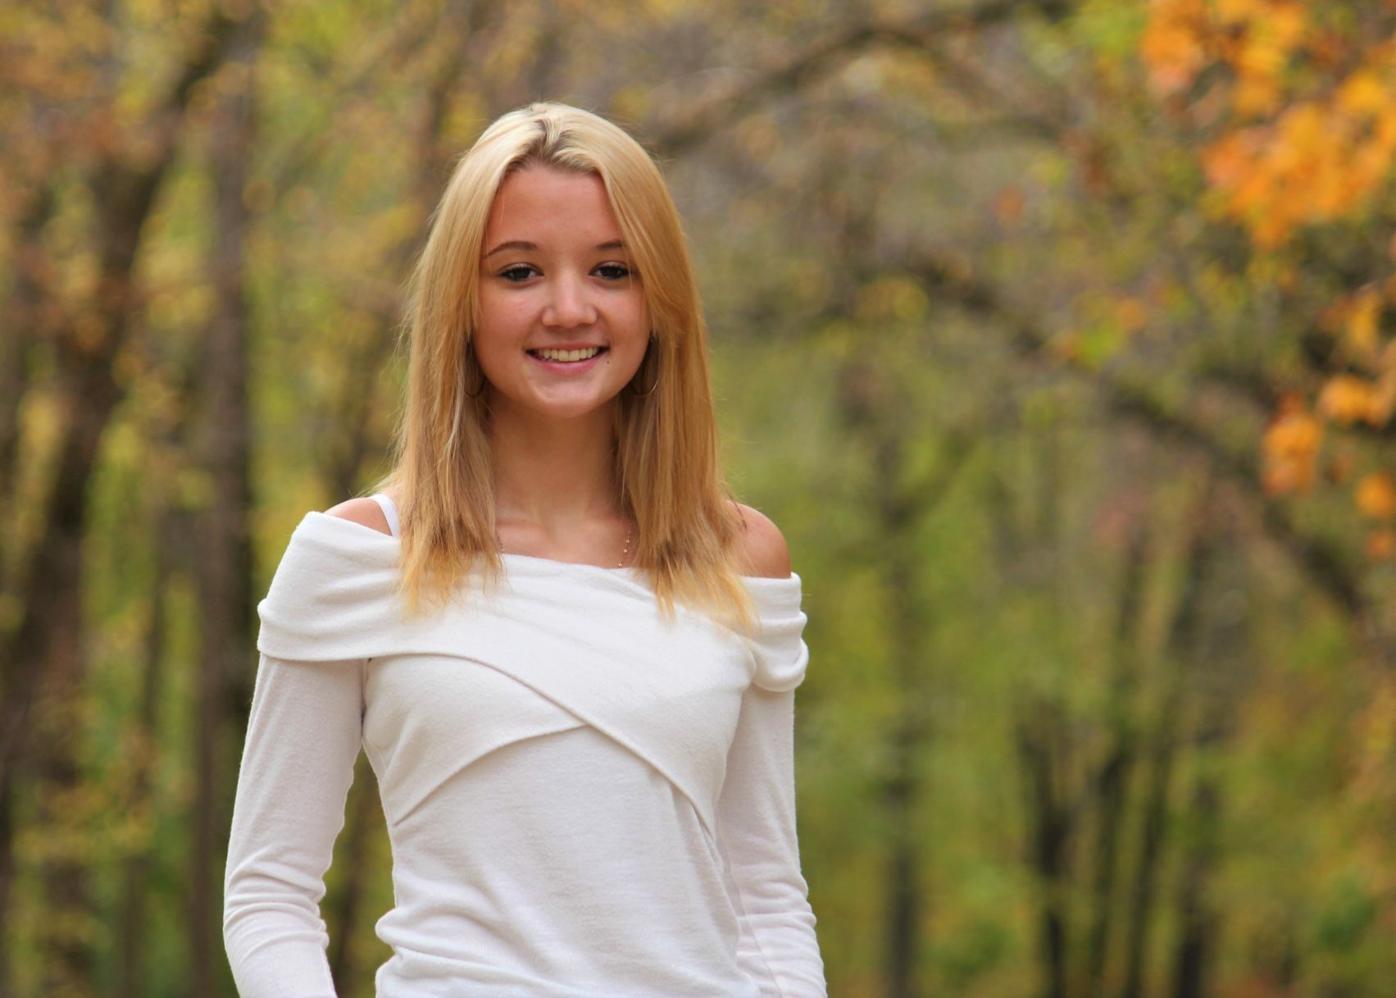 Lindsay Welter